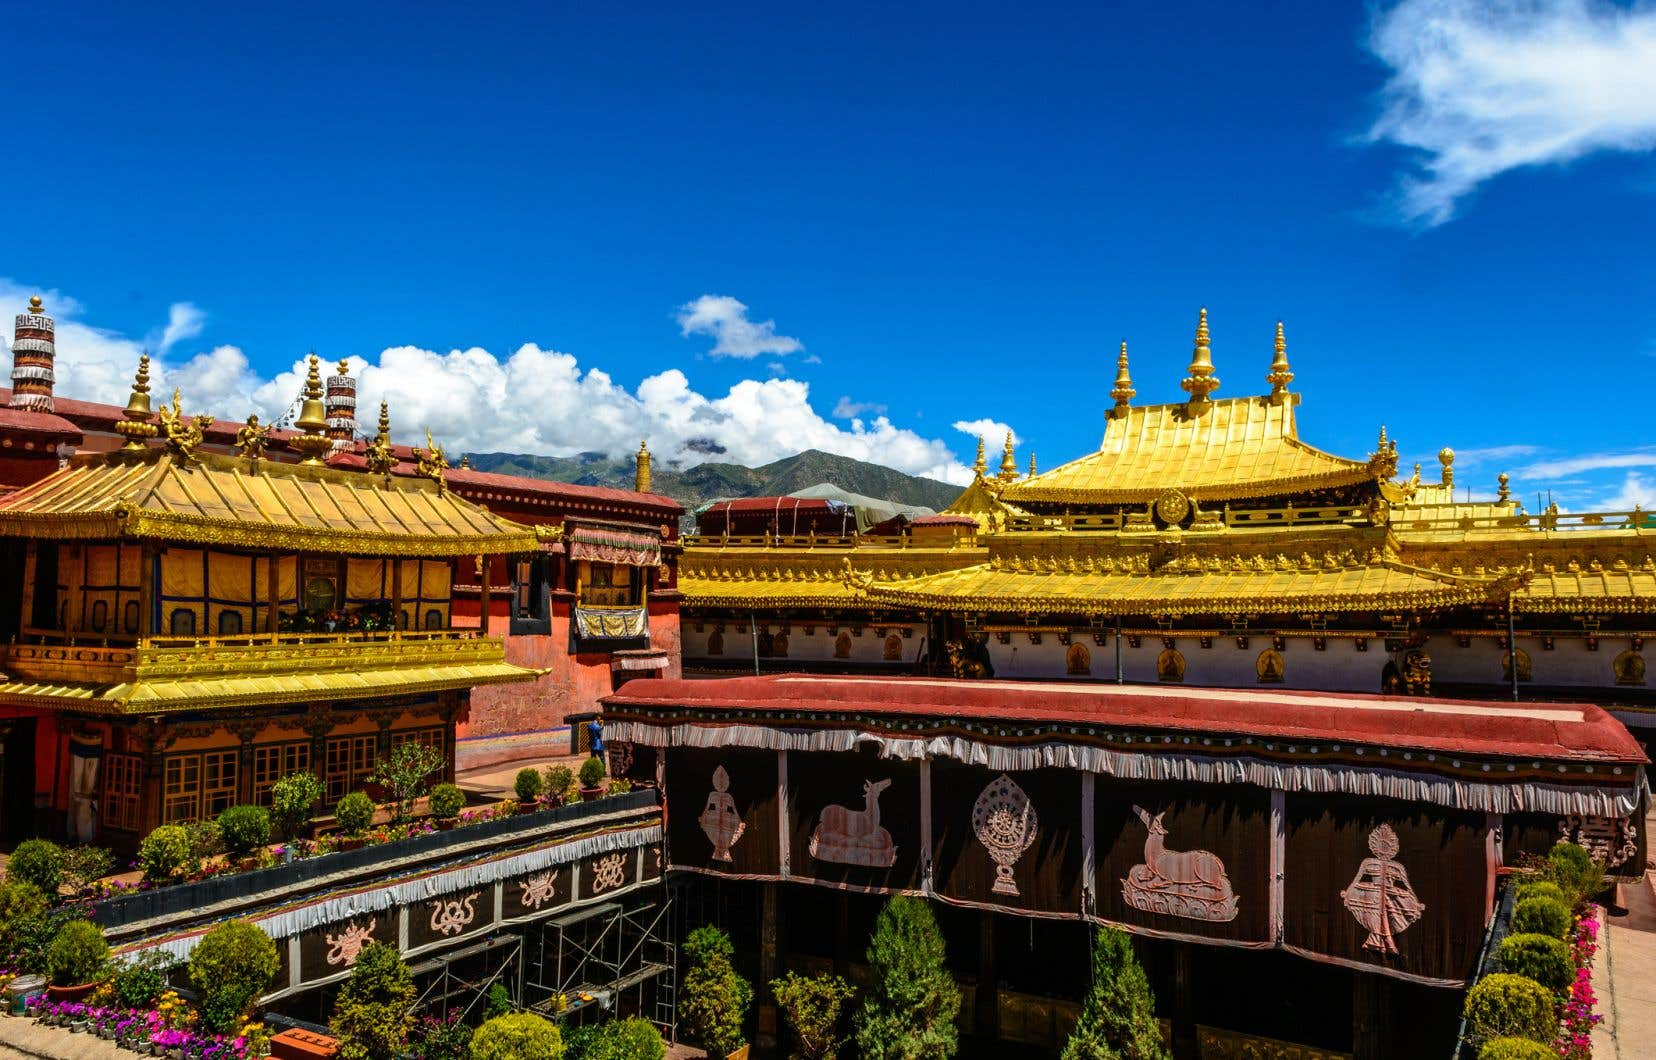 Le temple principal du monastère héberge plusieurs trésors irremplaçables du bouddhisme tibétain.